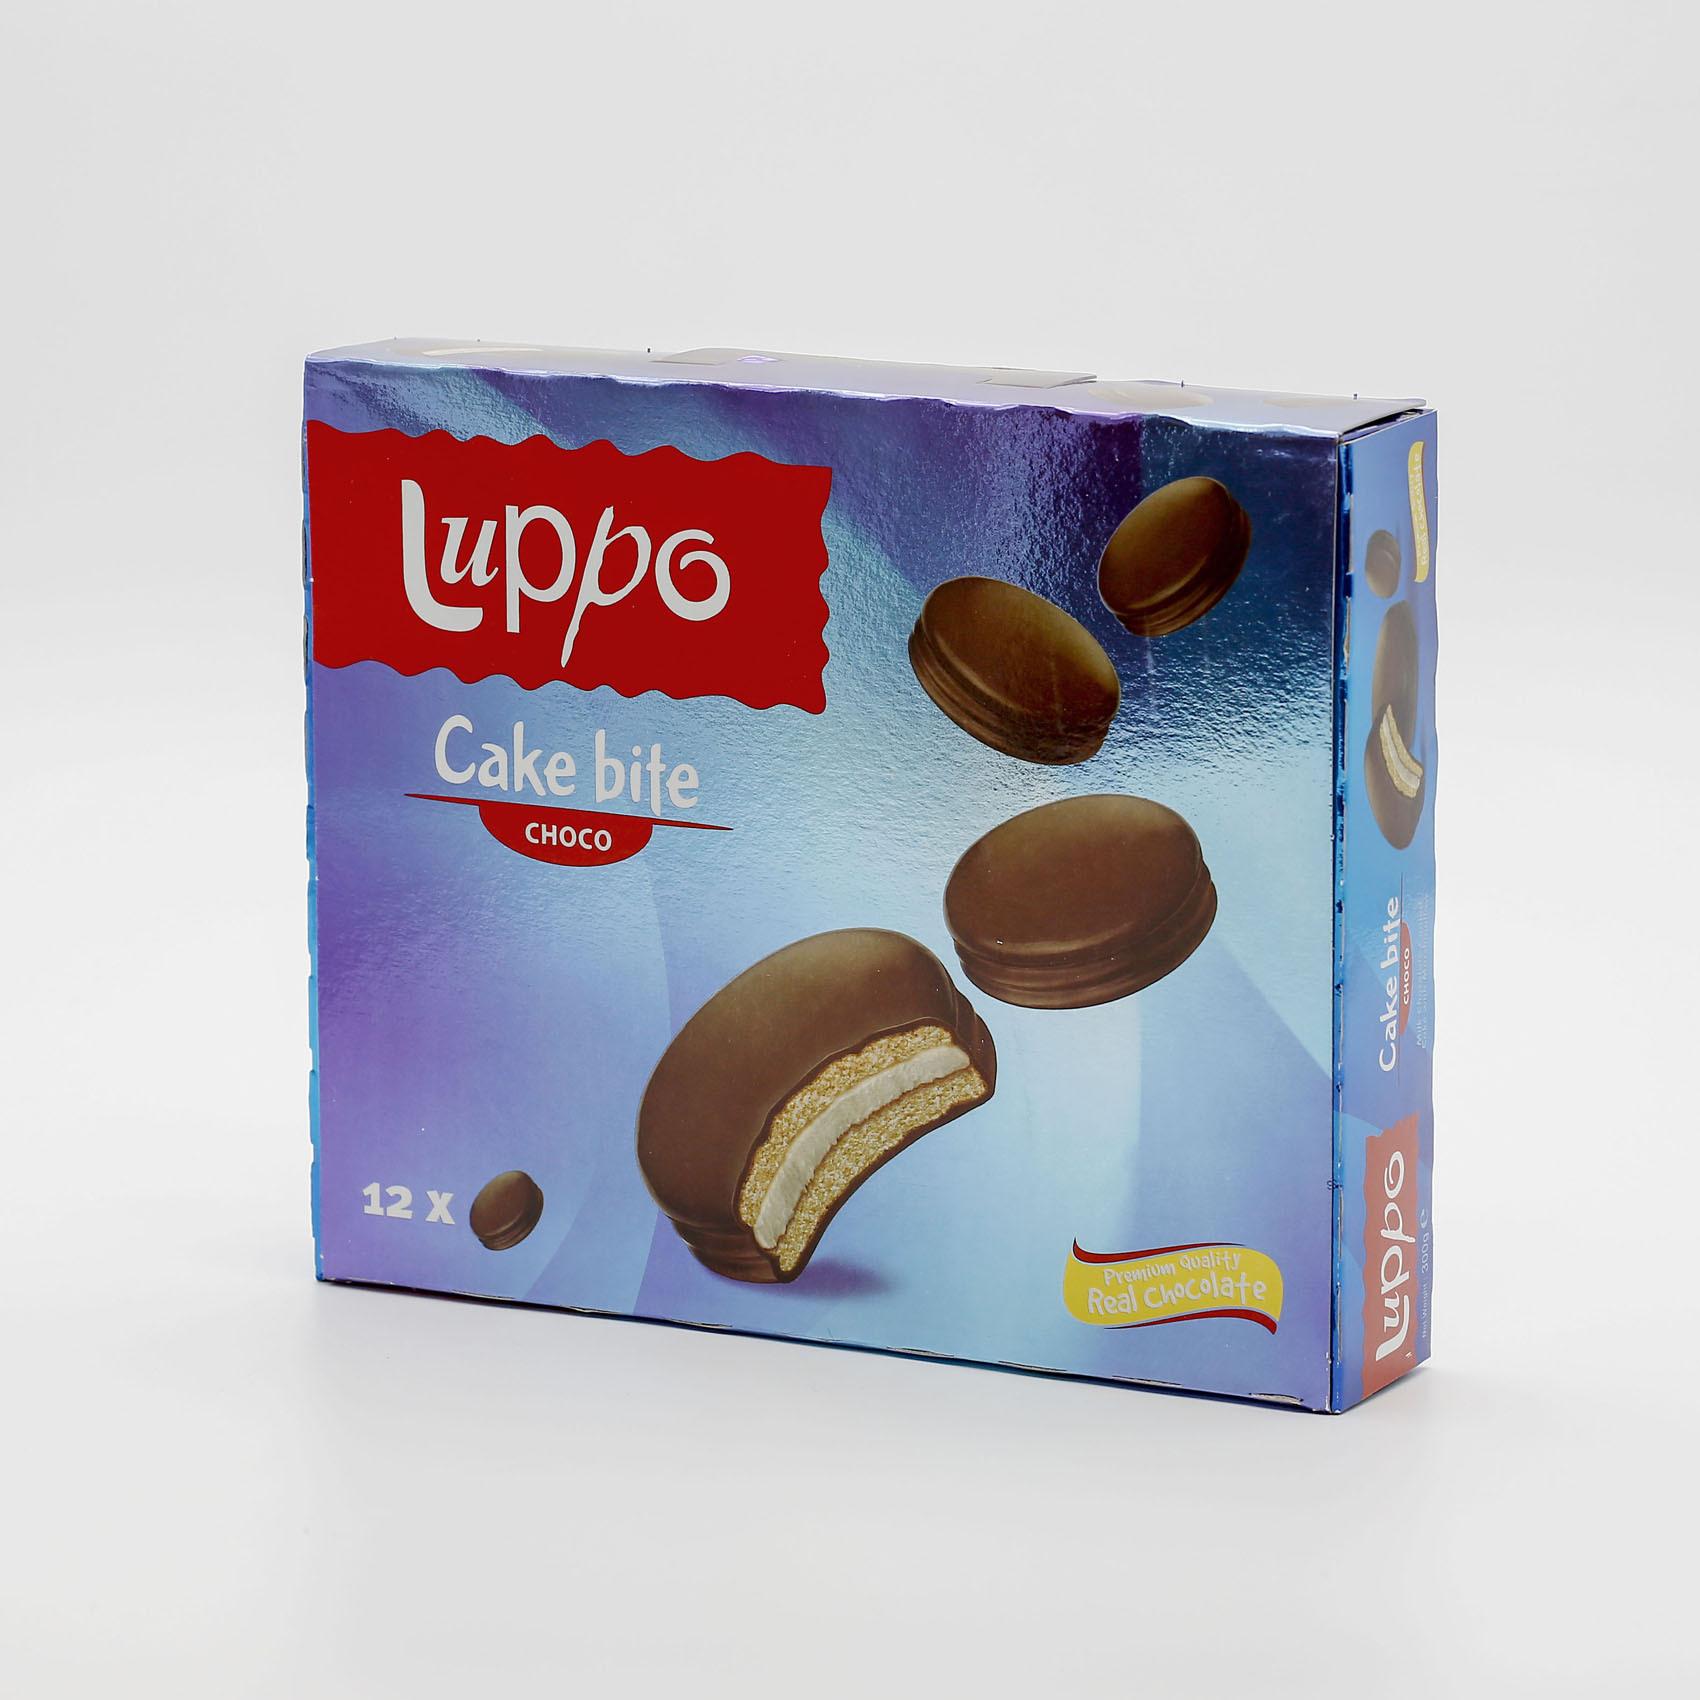 LUPPO CAKE BITE CHOCO CAKE 25GX12